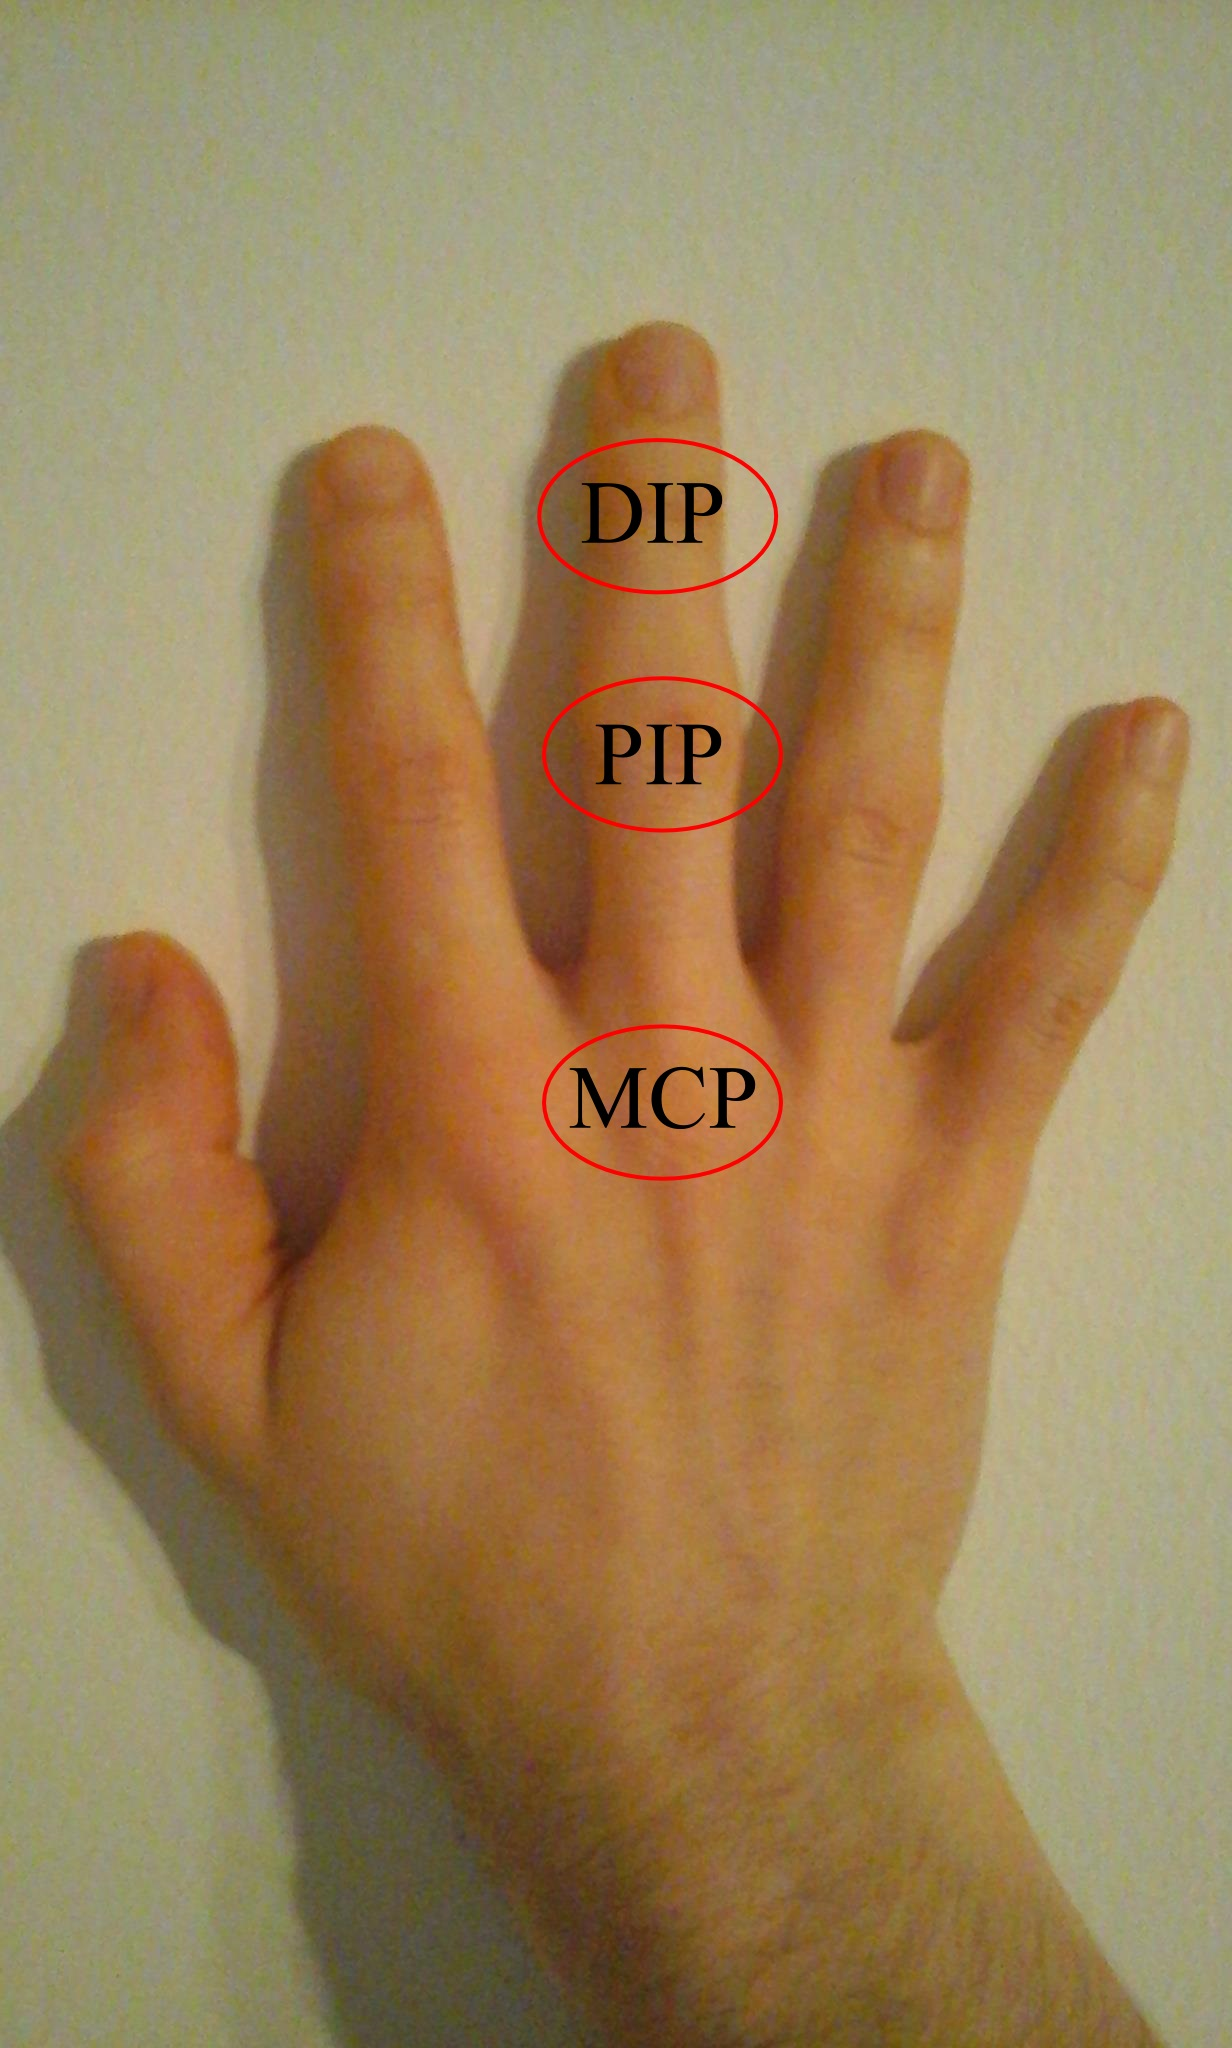 a kis ízületek eróziós ízületi gyulladása az ujj ízületeinek fertőző gyulladása